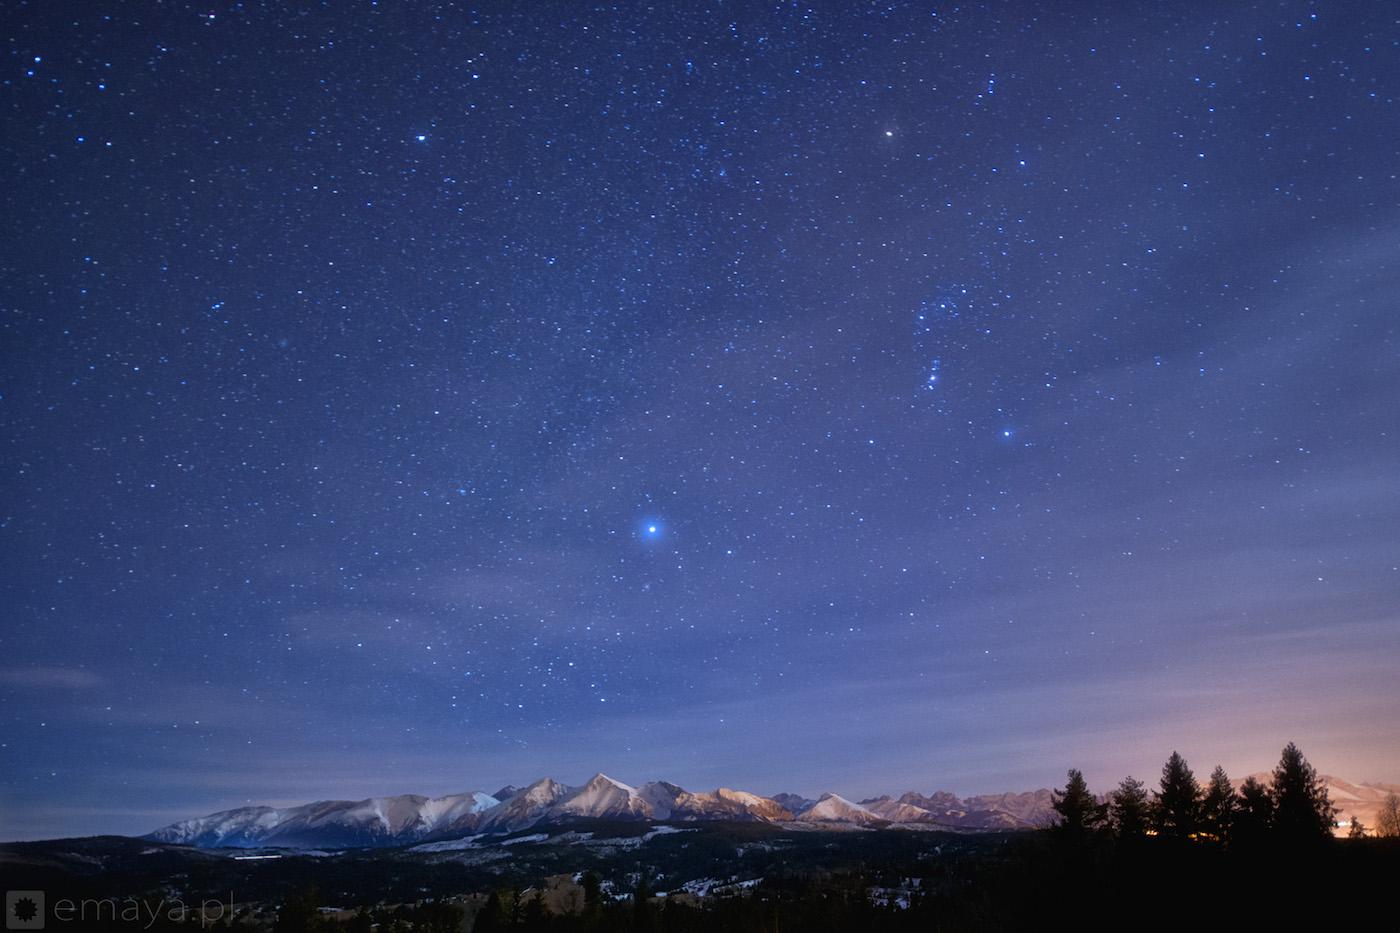 fotograf a de sirius la estrella m s brillante del cielo